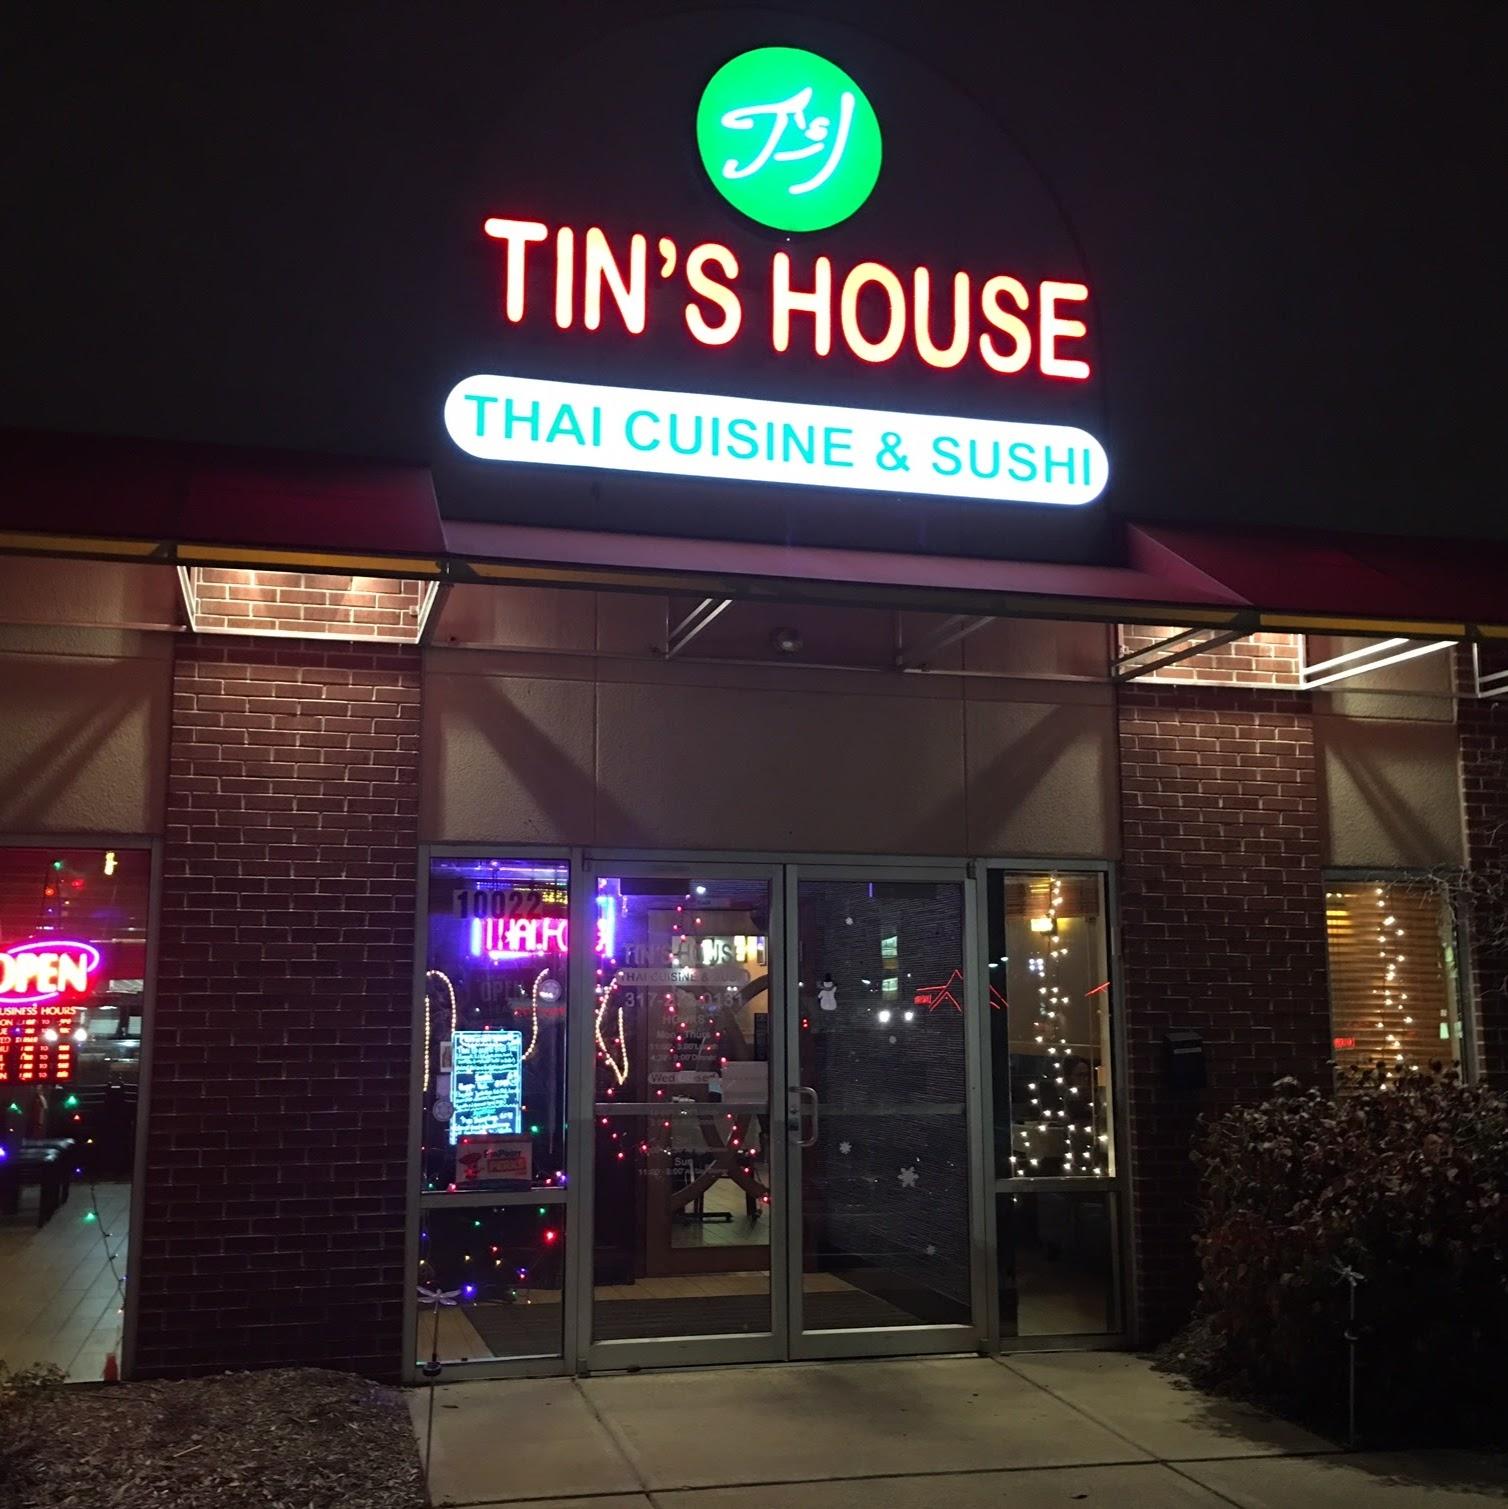 Tin's House Thai Cuisine and Sushi